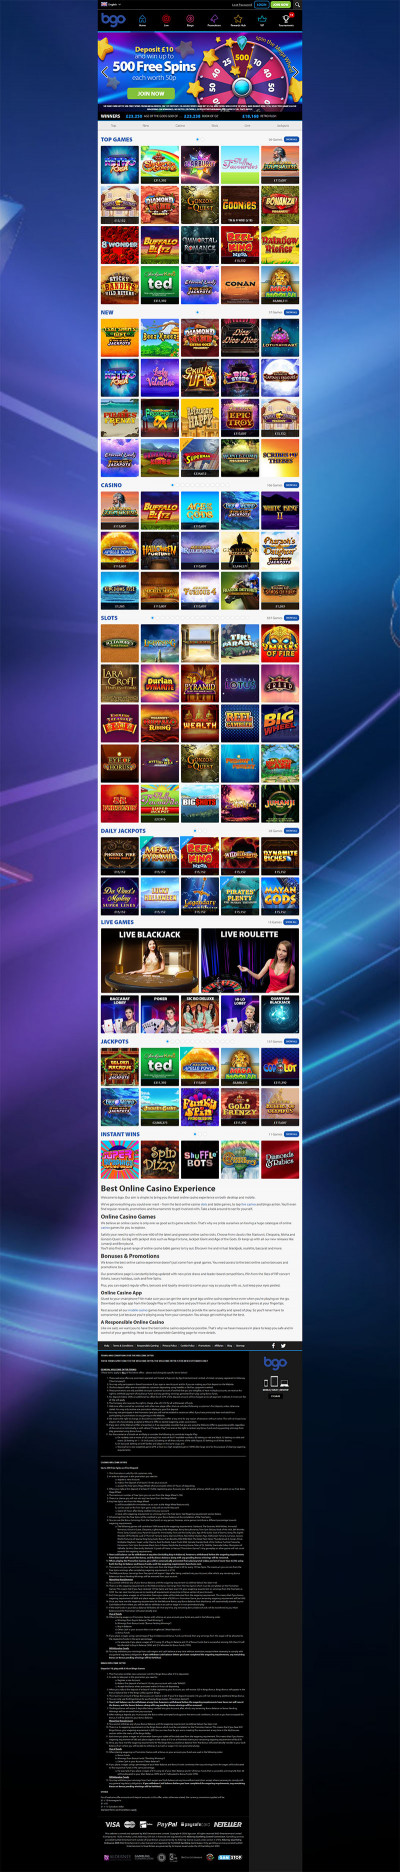 BGO Casino Screenshot